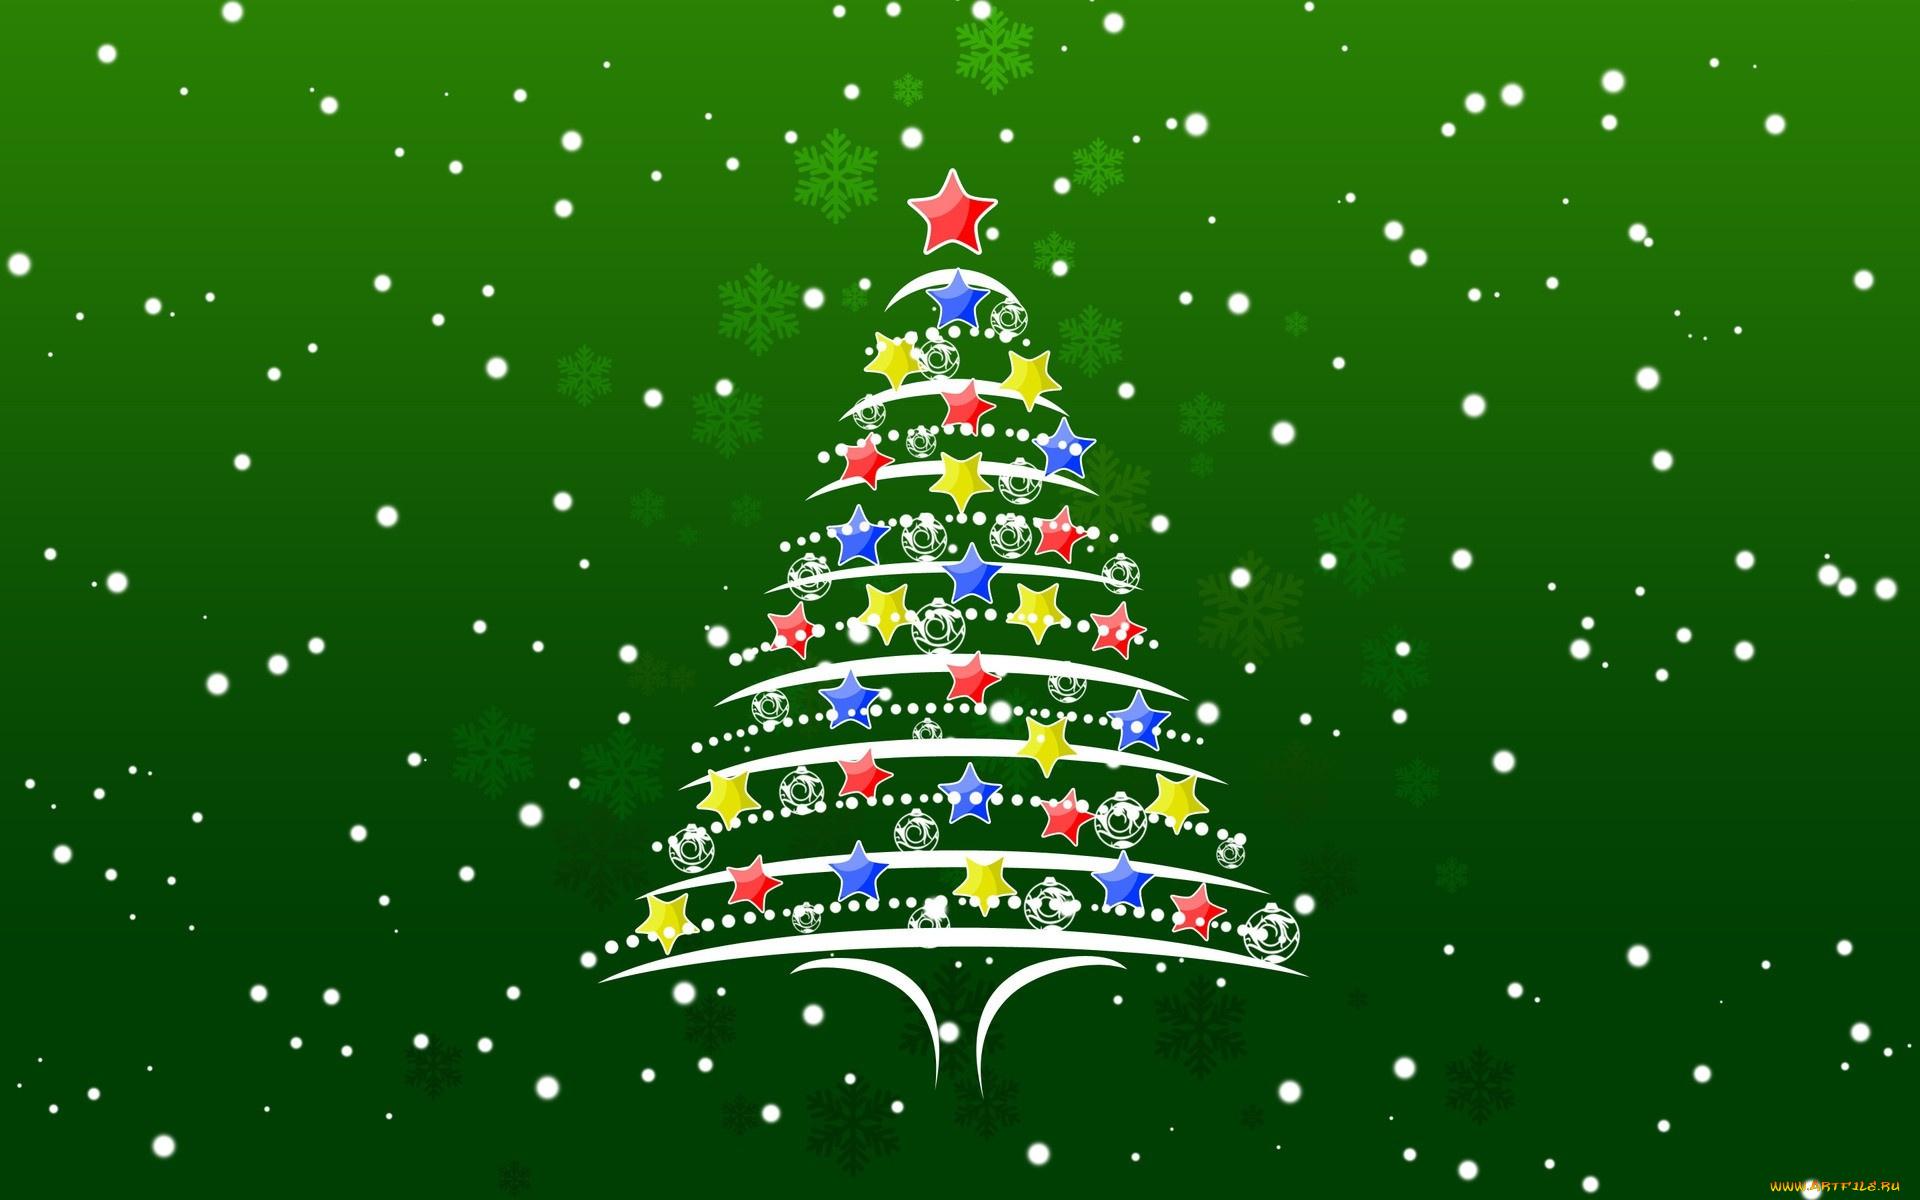 Строение, картинка новогодней елки на открытке